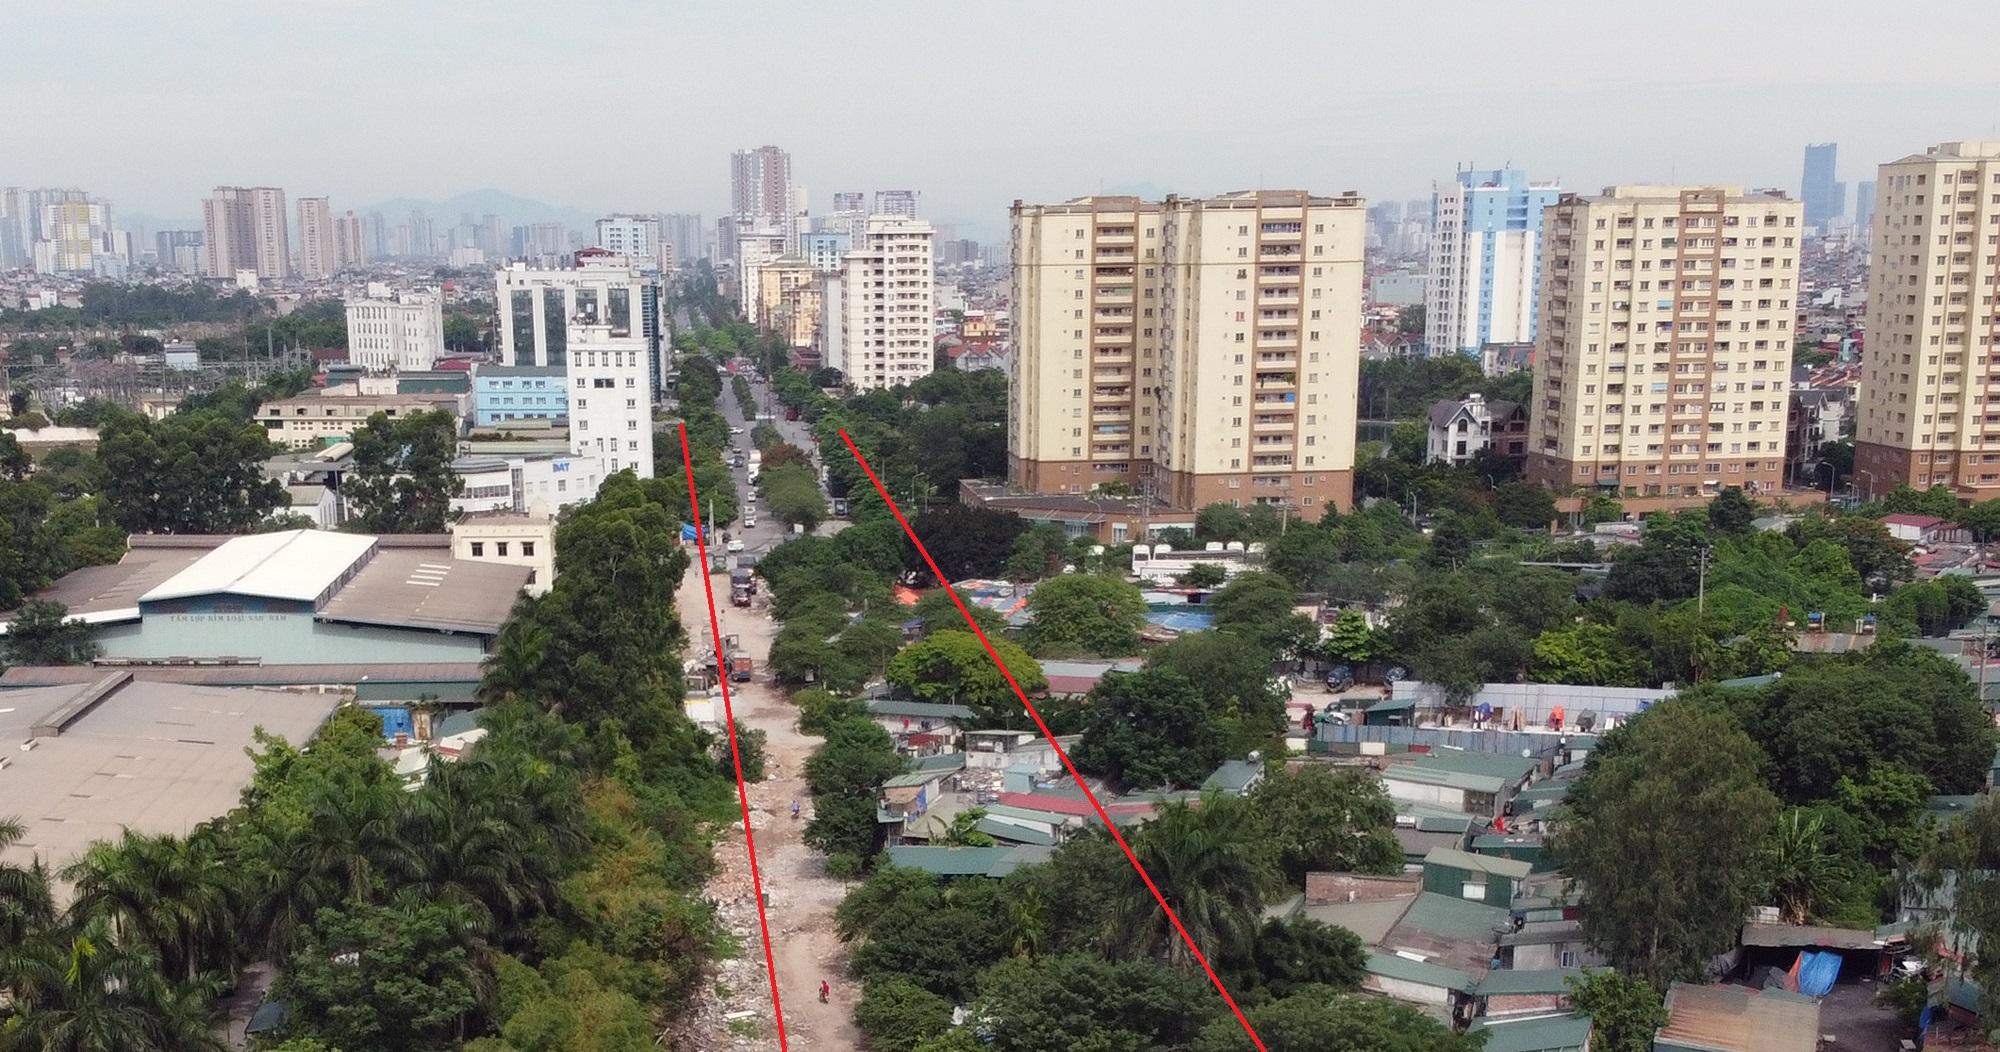 đường sẽ mở theo qui hoạch ở phường Hoàng Văn Thụ, Hoàng Mai, Hà Nội - Ảnh 3.